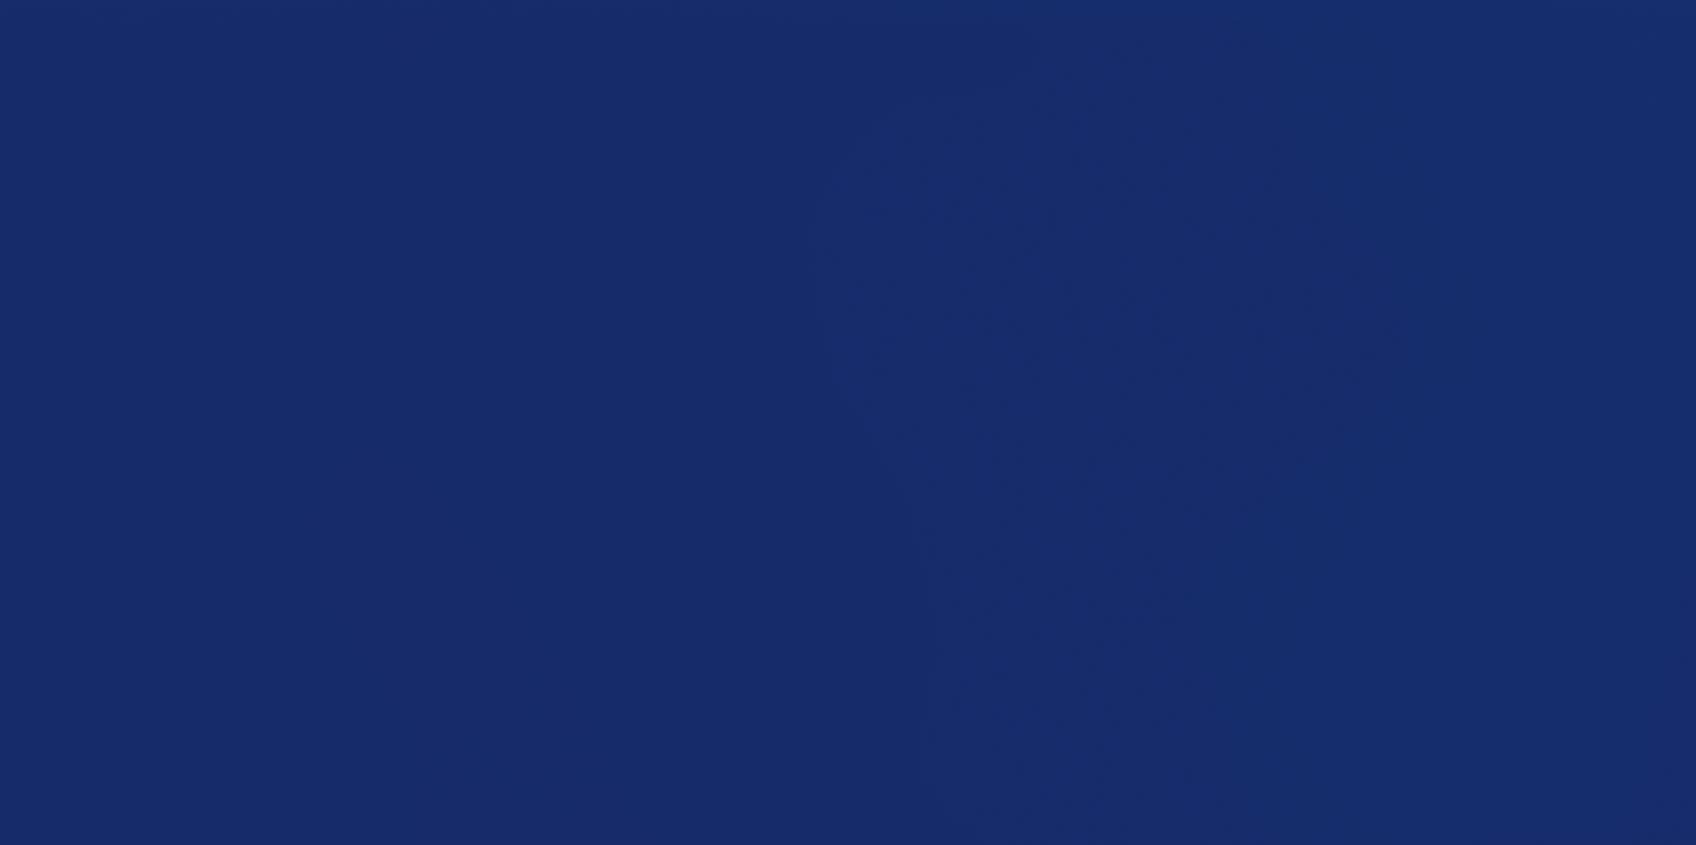 Купить Керамическая плитка Tubadzin Berlin W-Tegel Kobalt 1 настенная 29, 8x59, 8, Польша